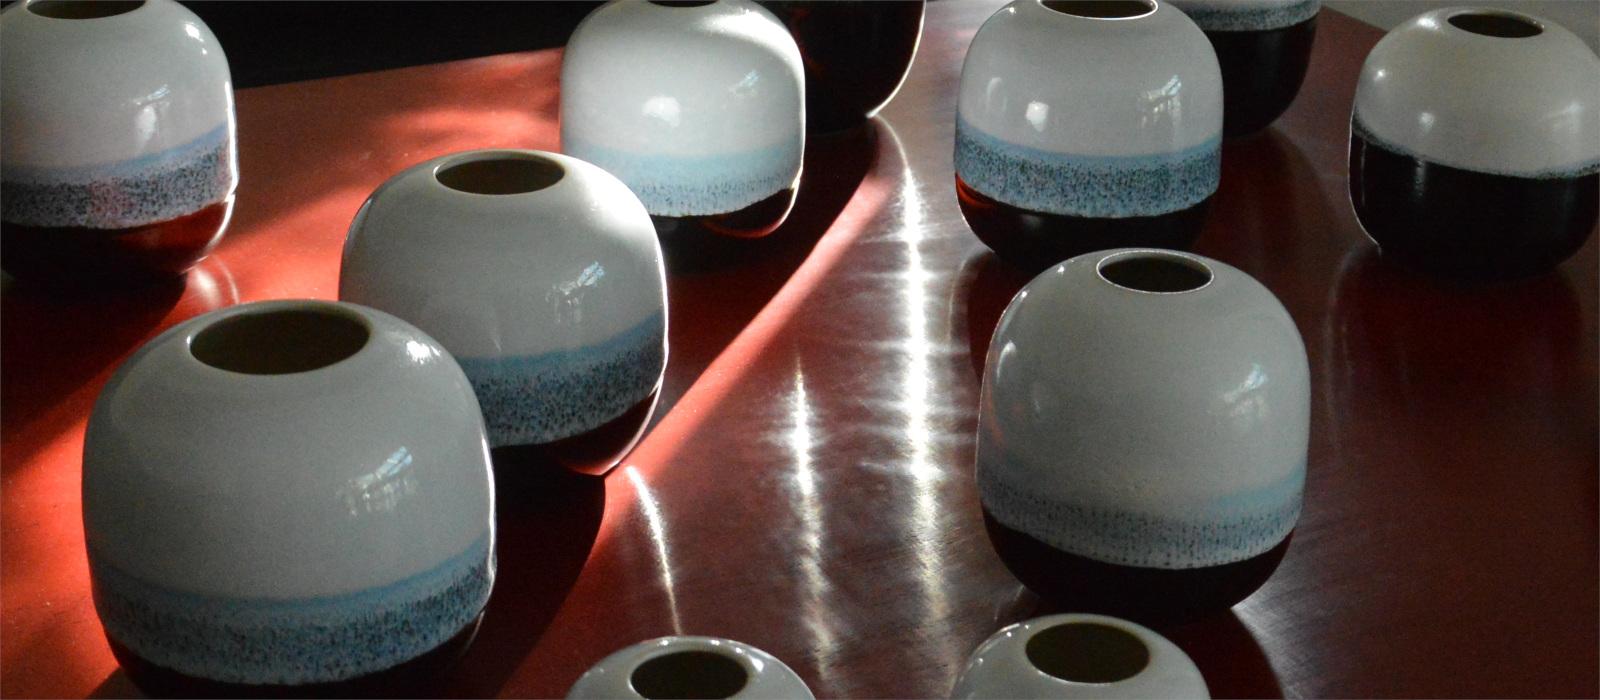 zwart-witte-vaas-handgedraaid-keramiek